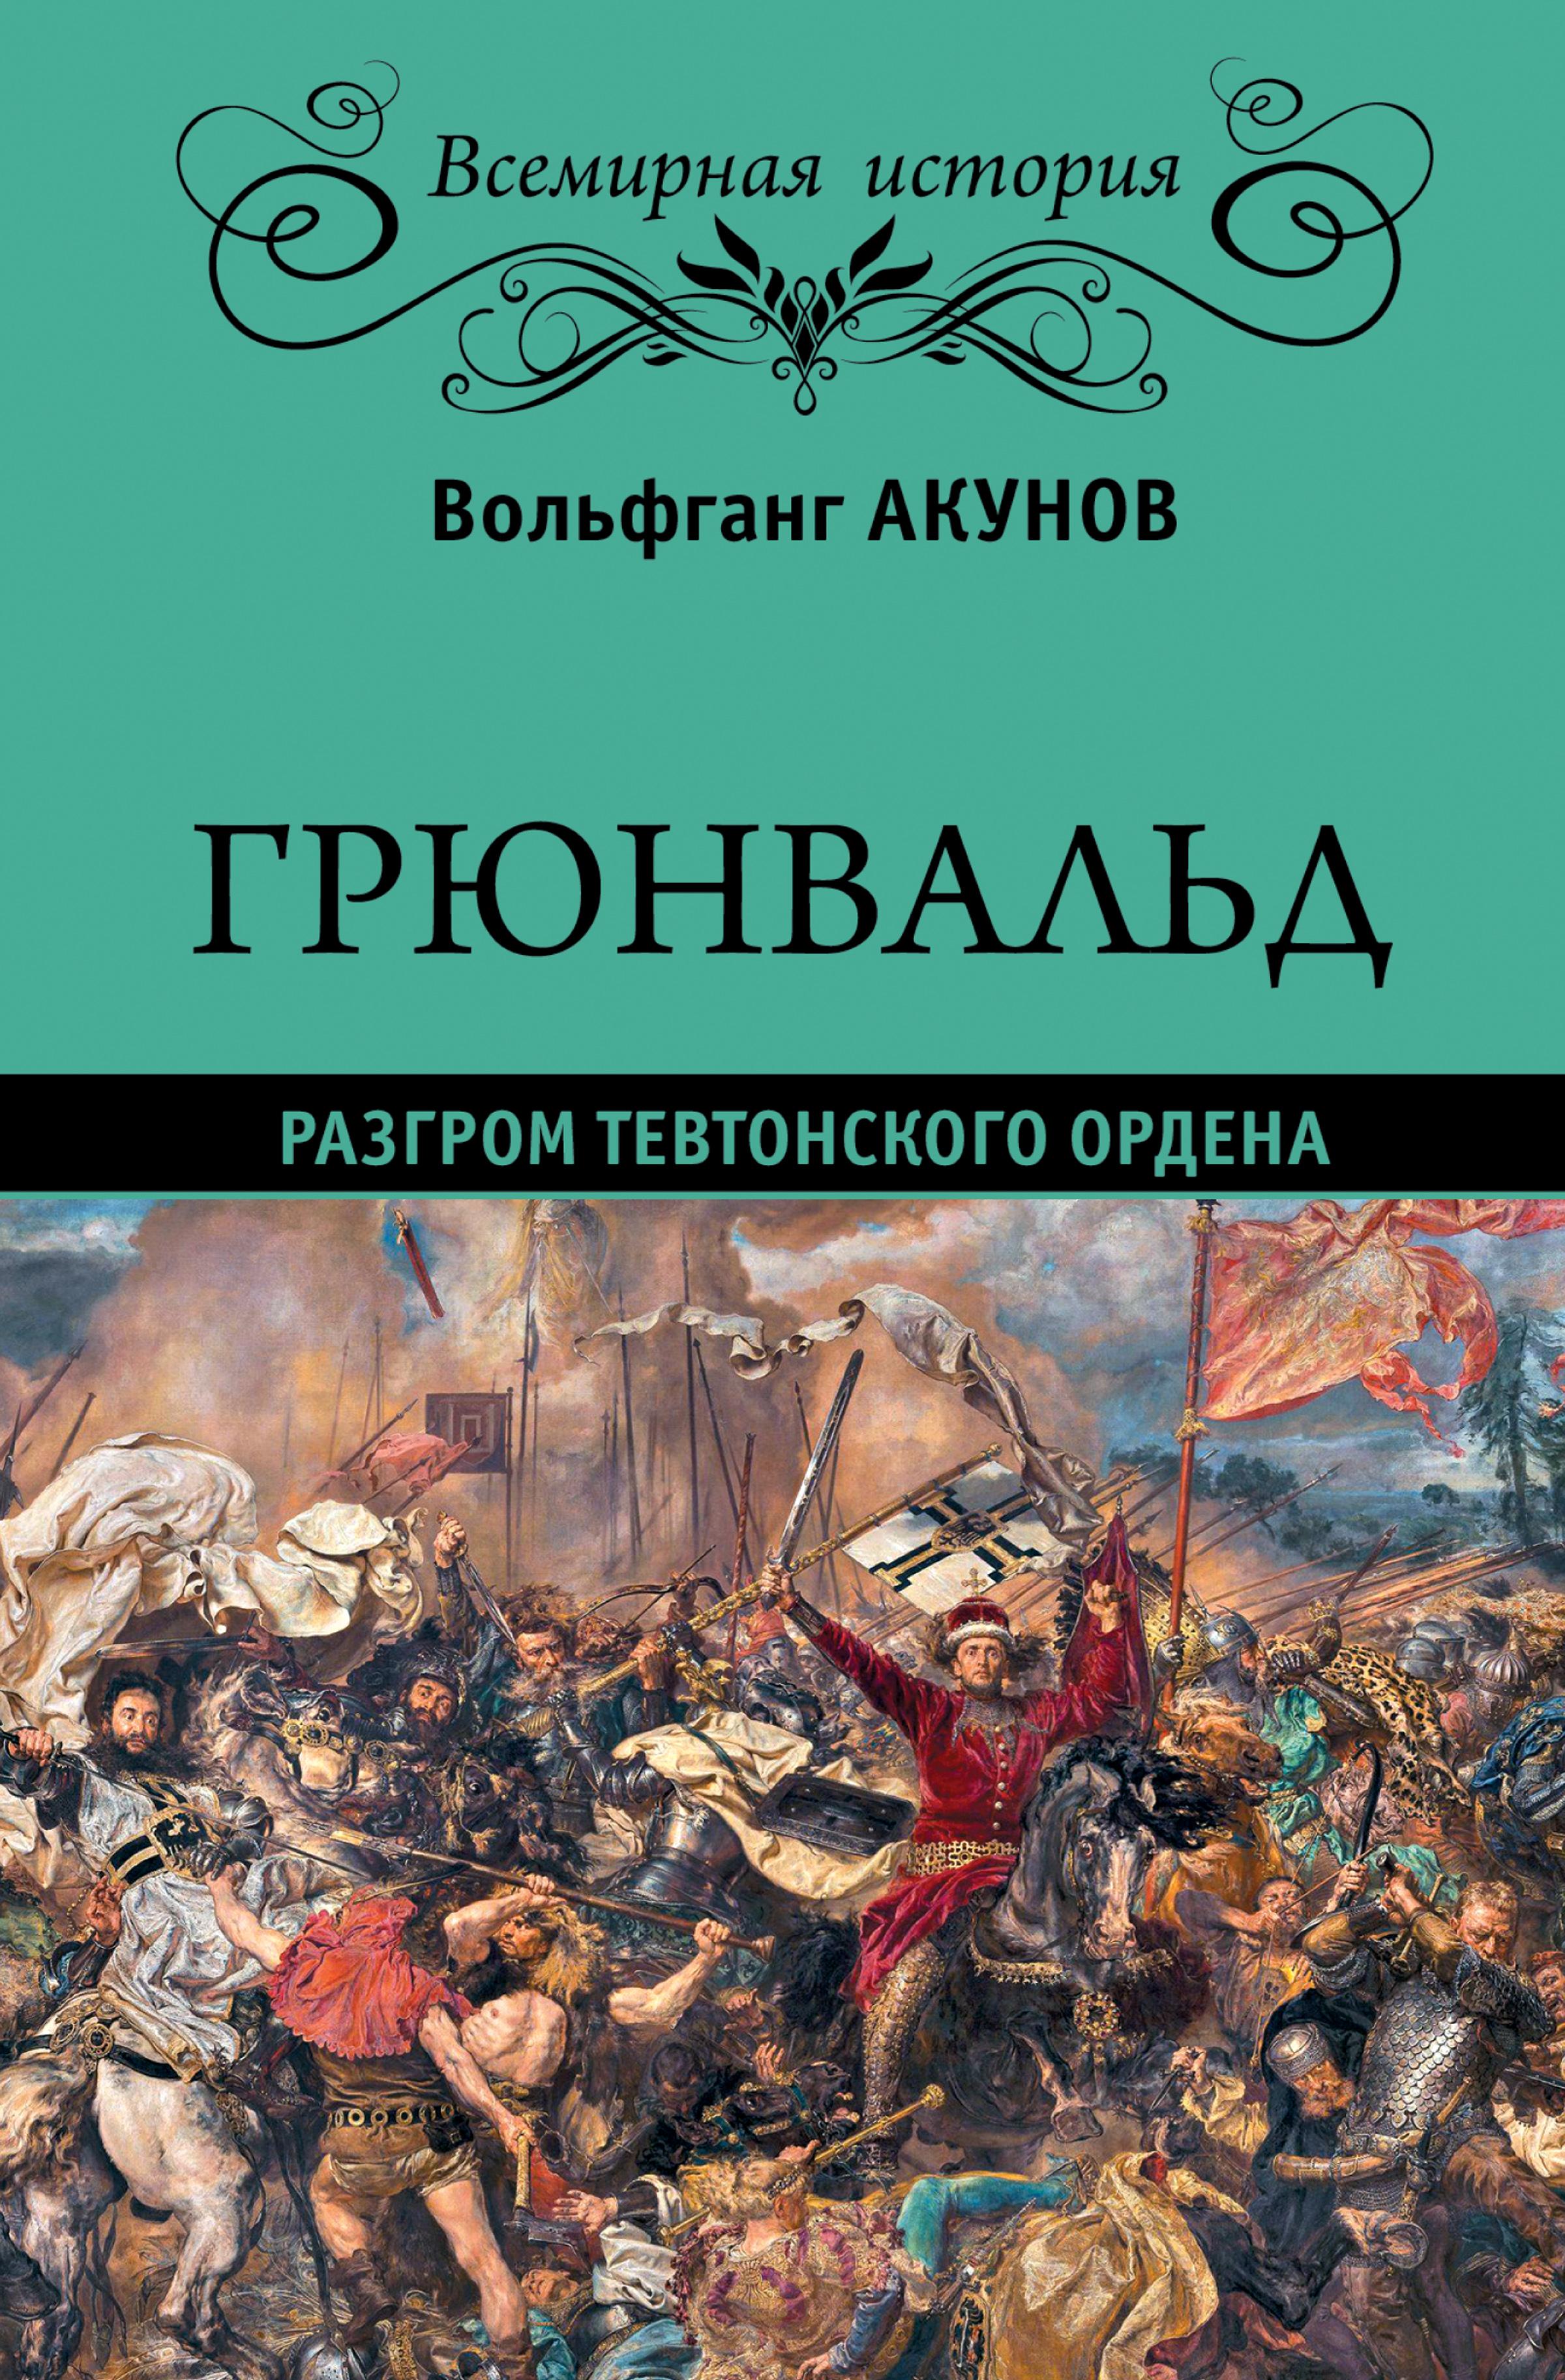 Вольфганг Акунов Грюнвальд. Разгром Тевтонского ордена цена